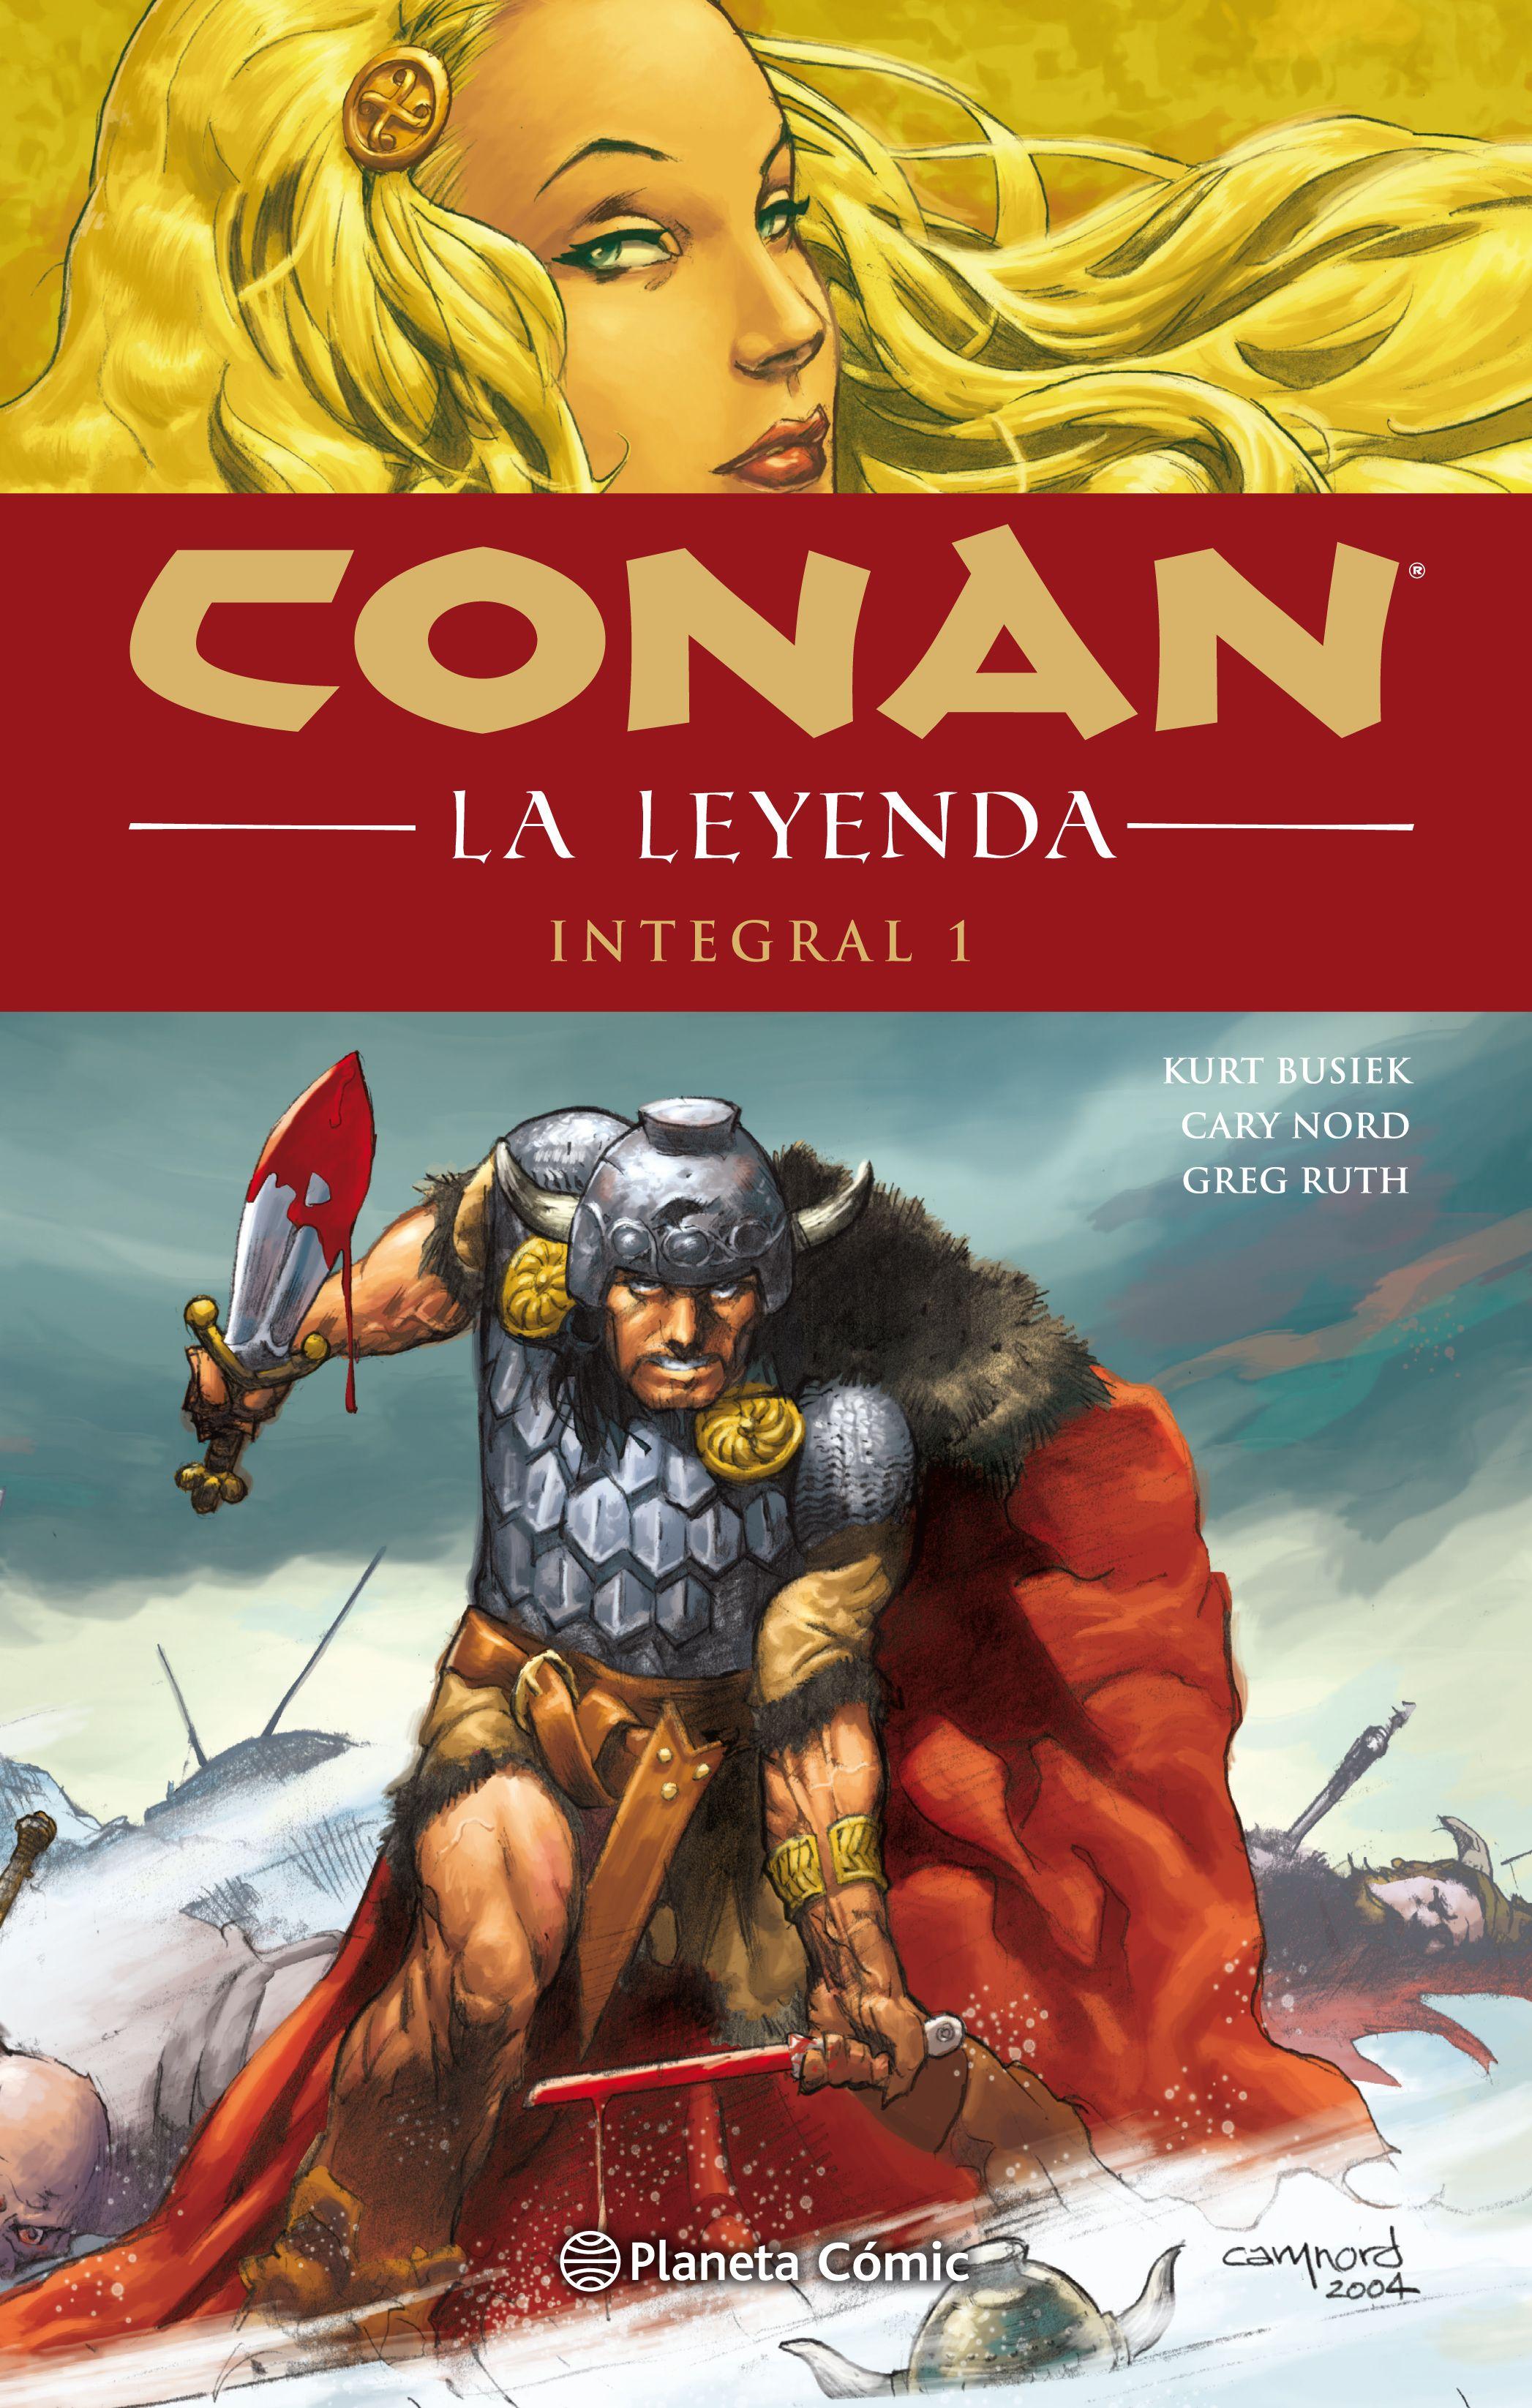 UN POCO DE NOVENO ARTE - Página 25 295553_portada_conan-la-leyenda-integral-n-0104_cary-nord_201903081401